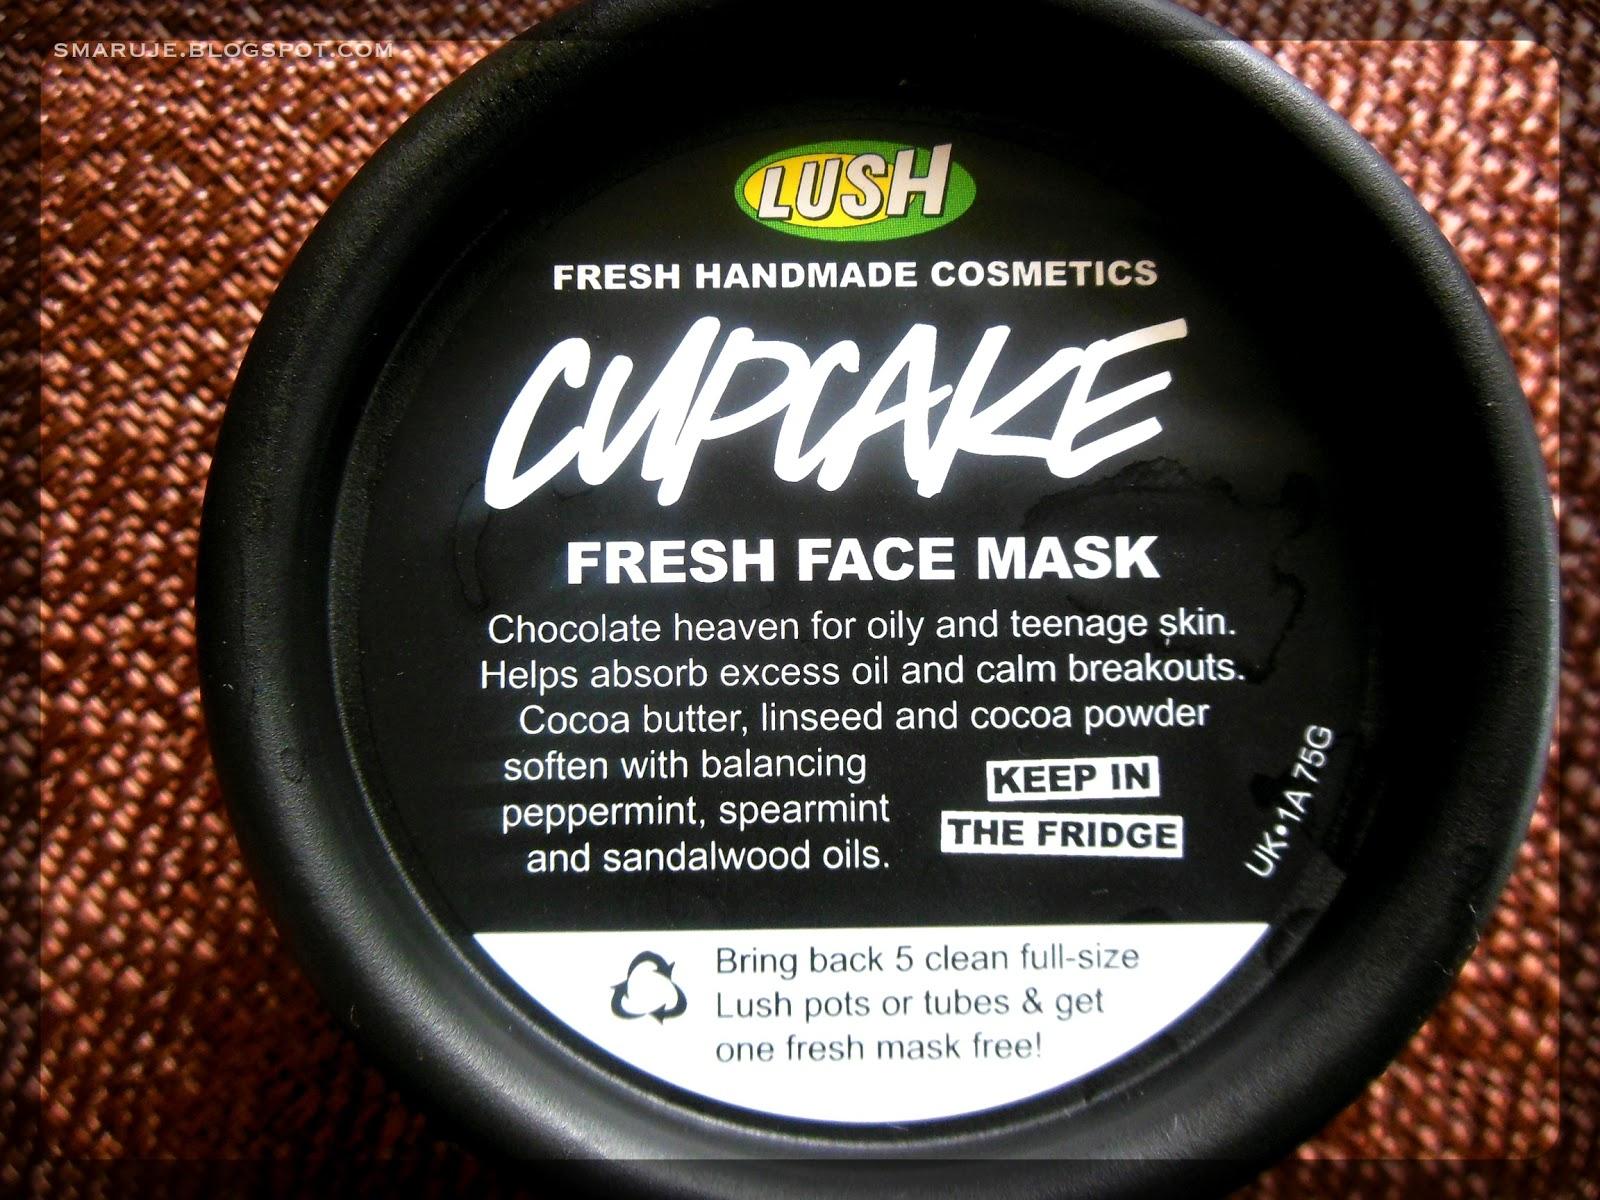 Lush – Cupcake, czyli (wcale nie taka) czekoladowa maseczka do twarzy [recenzja]